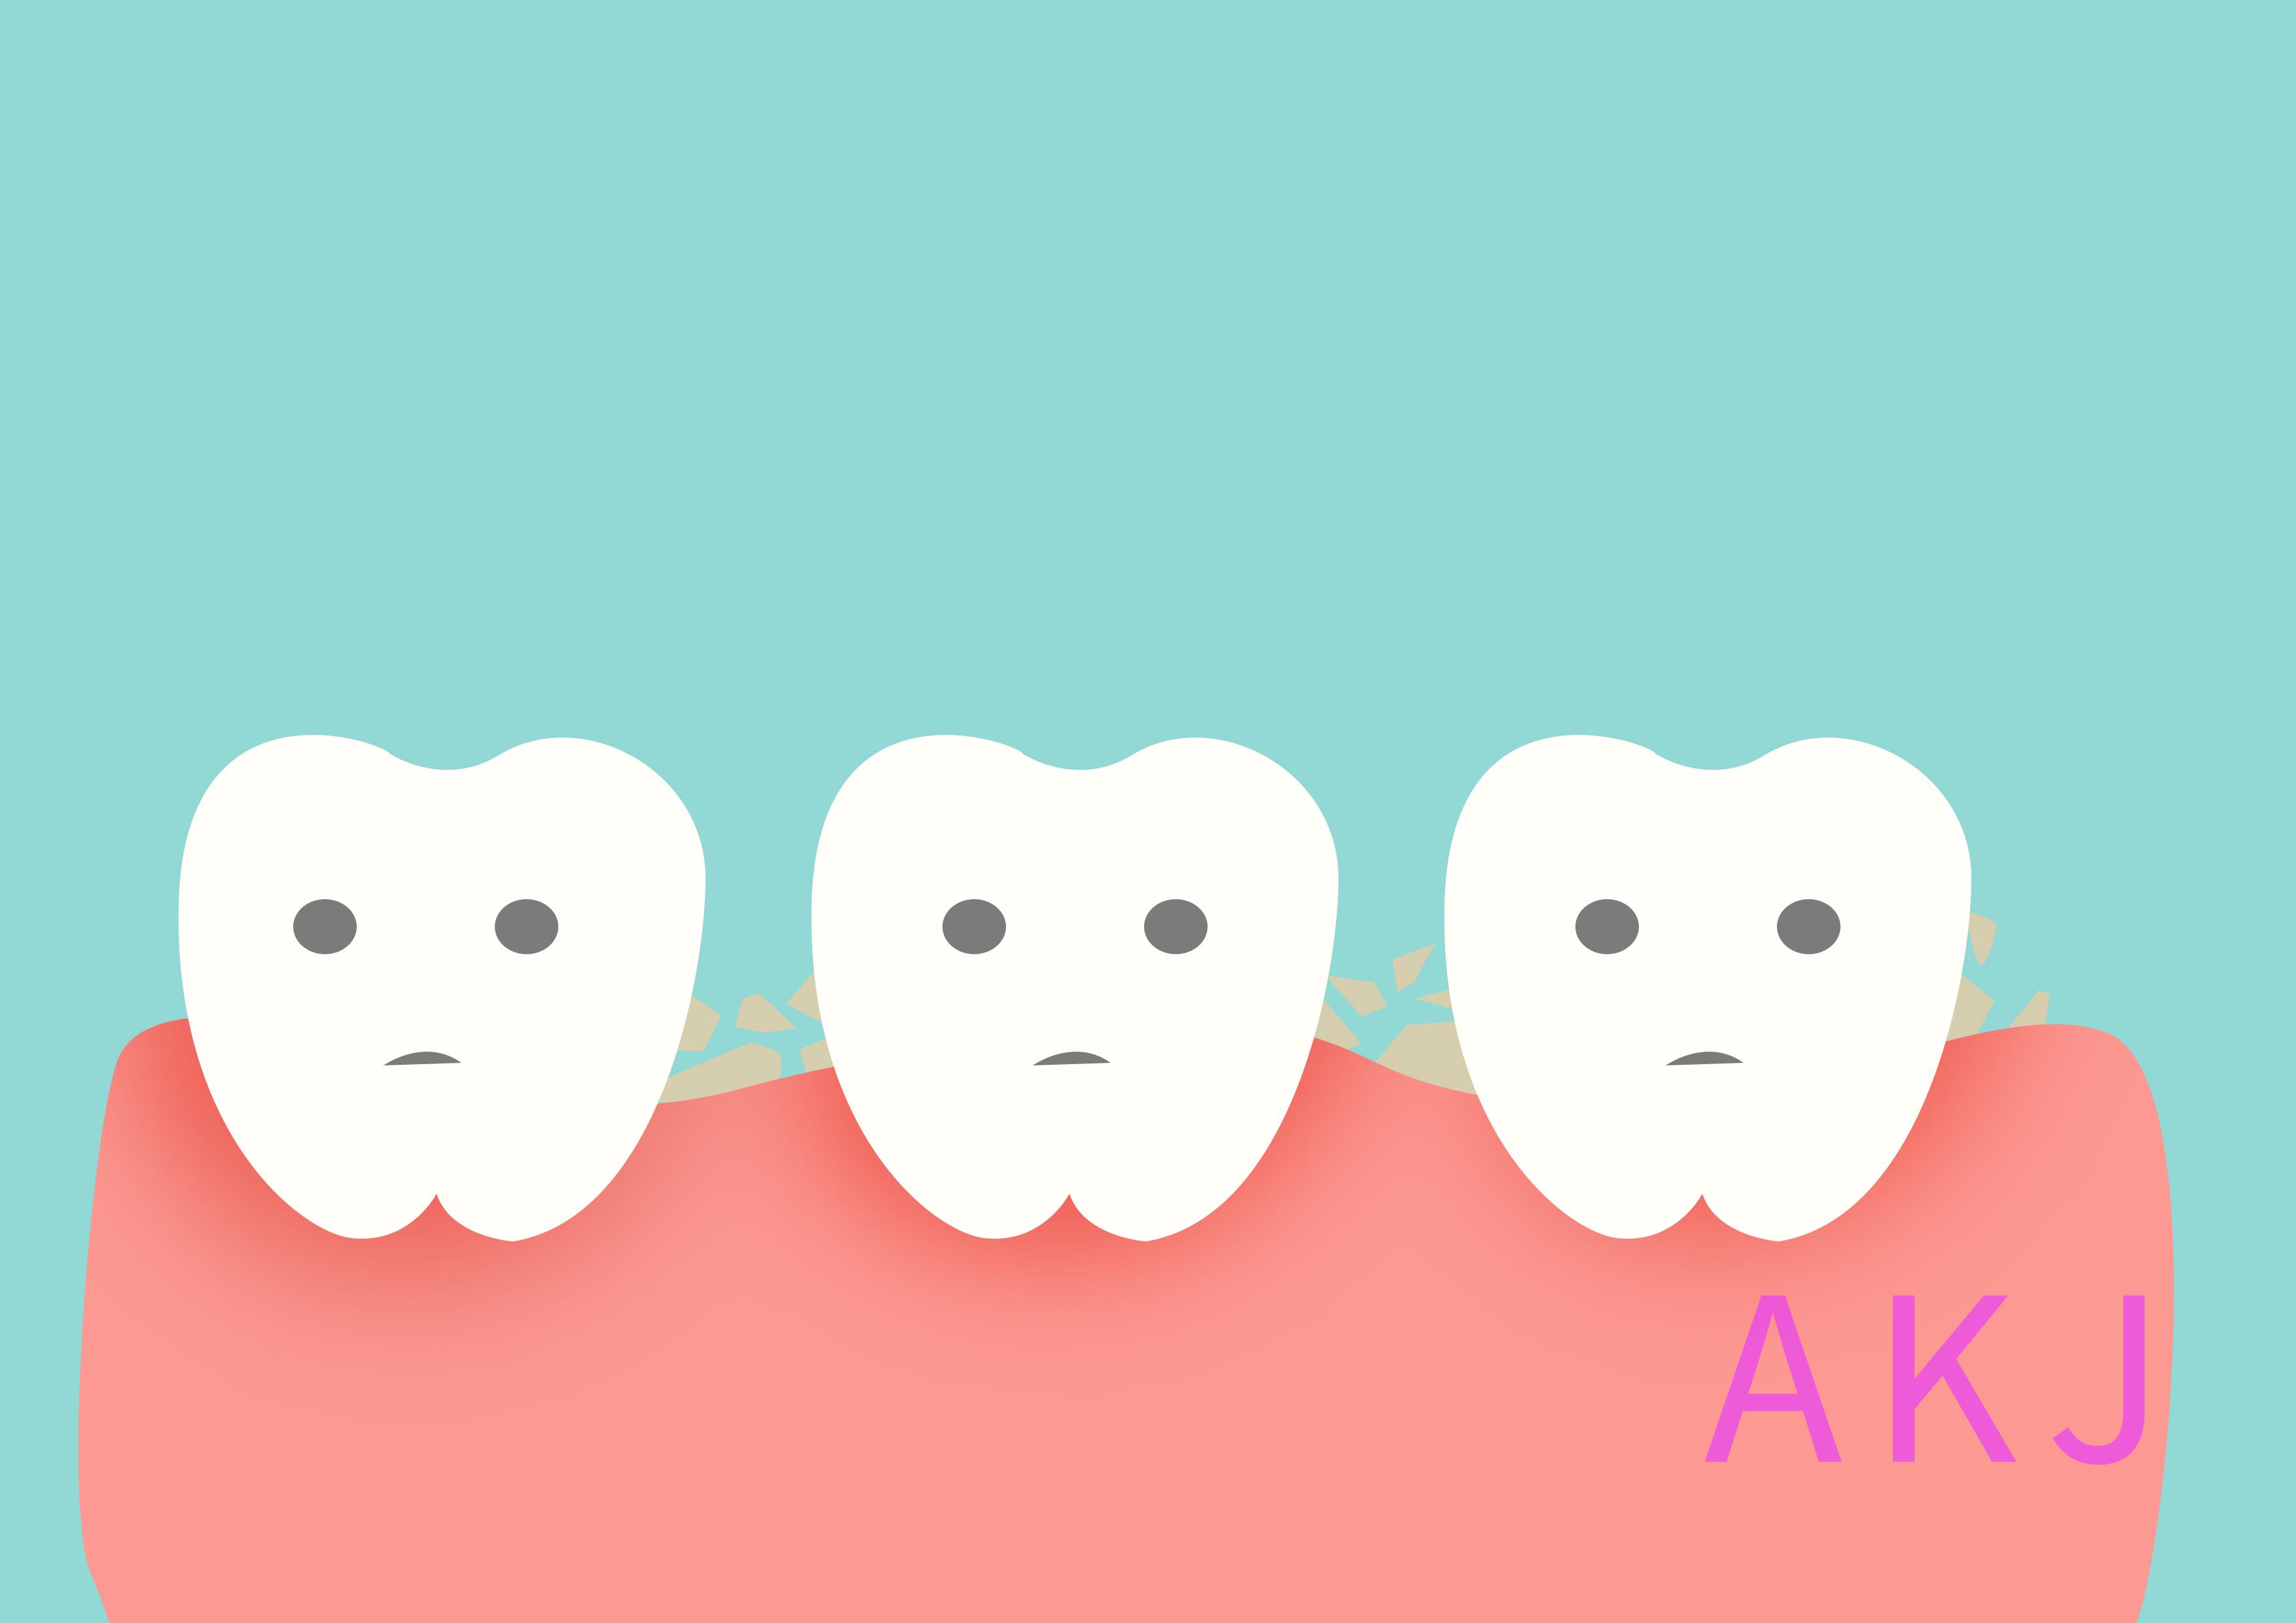 牙齿稀疏示意图片